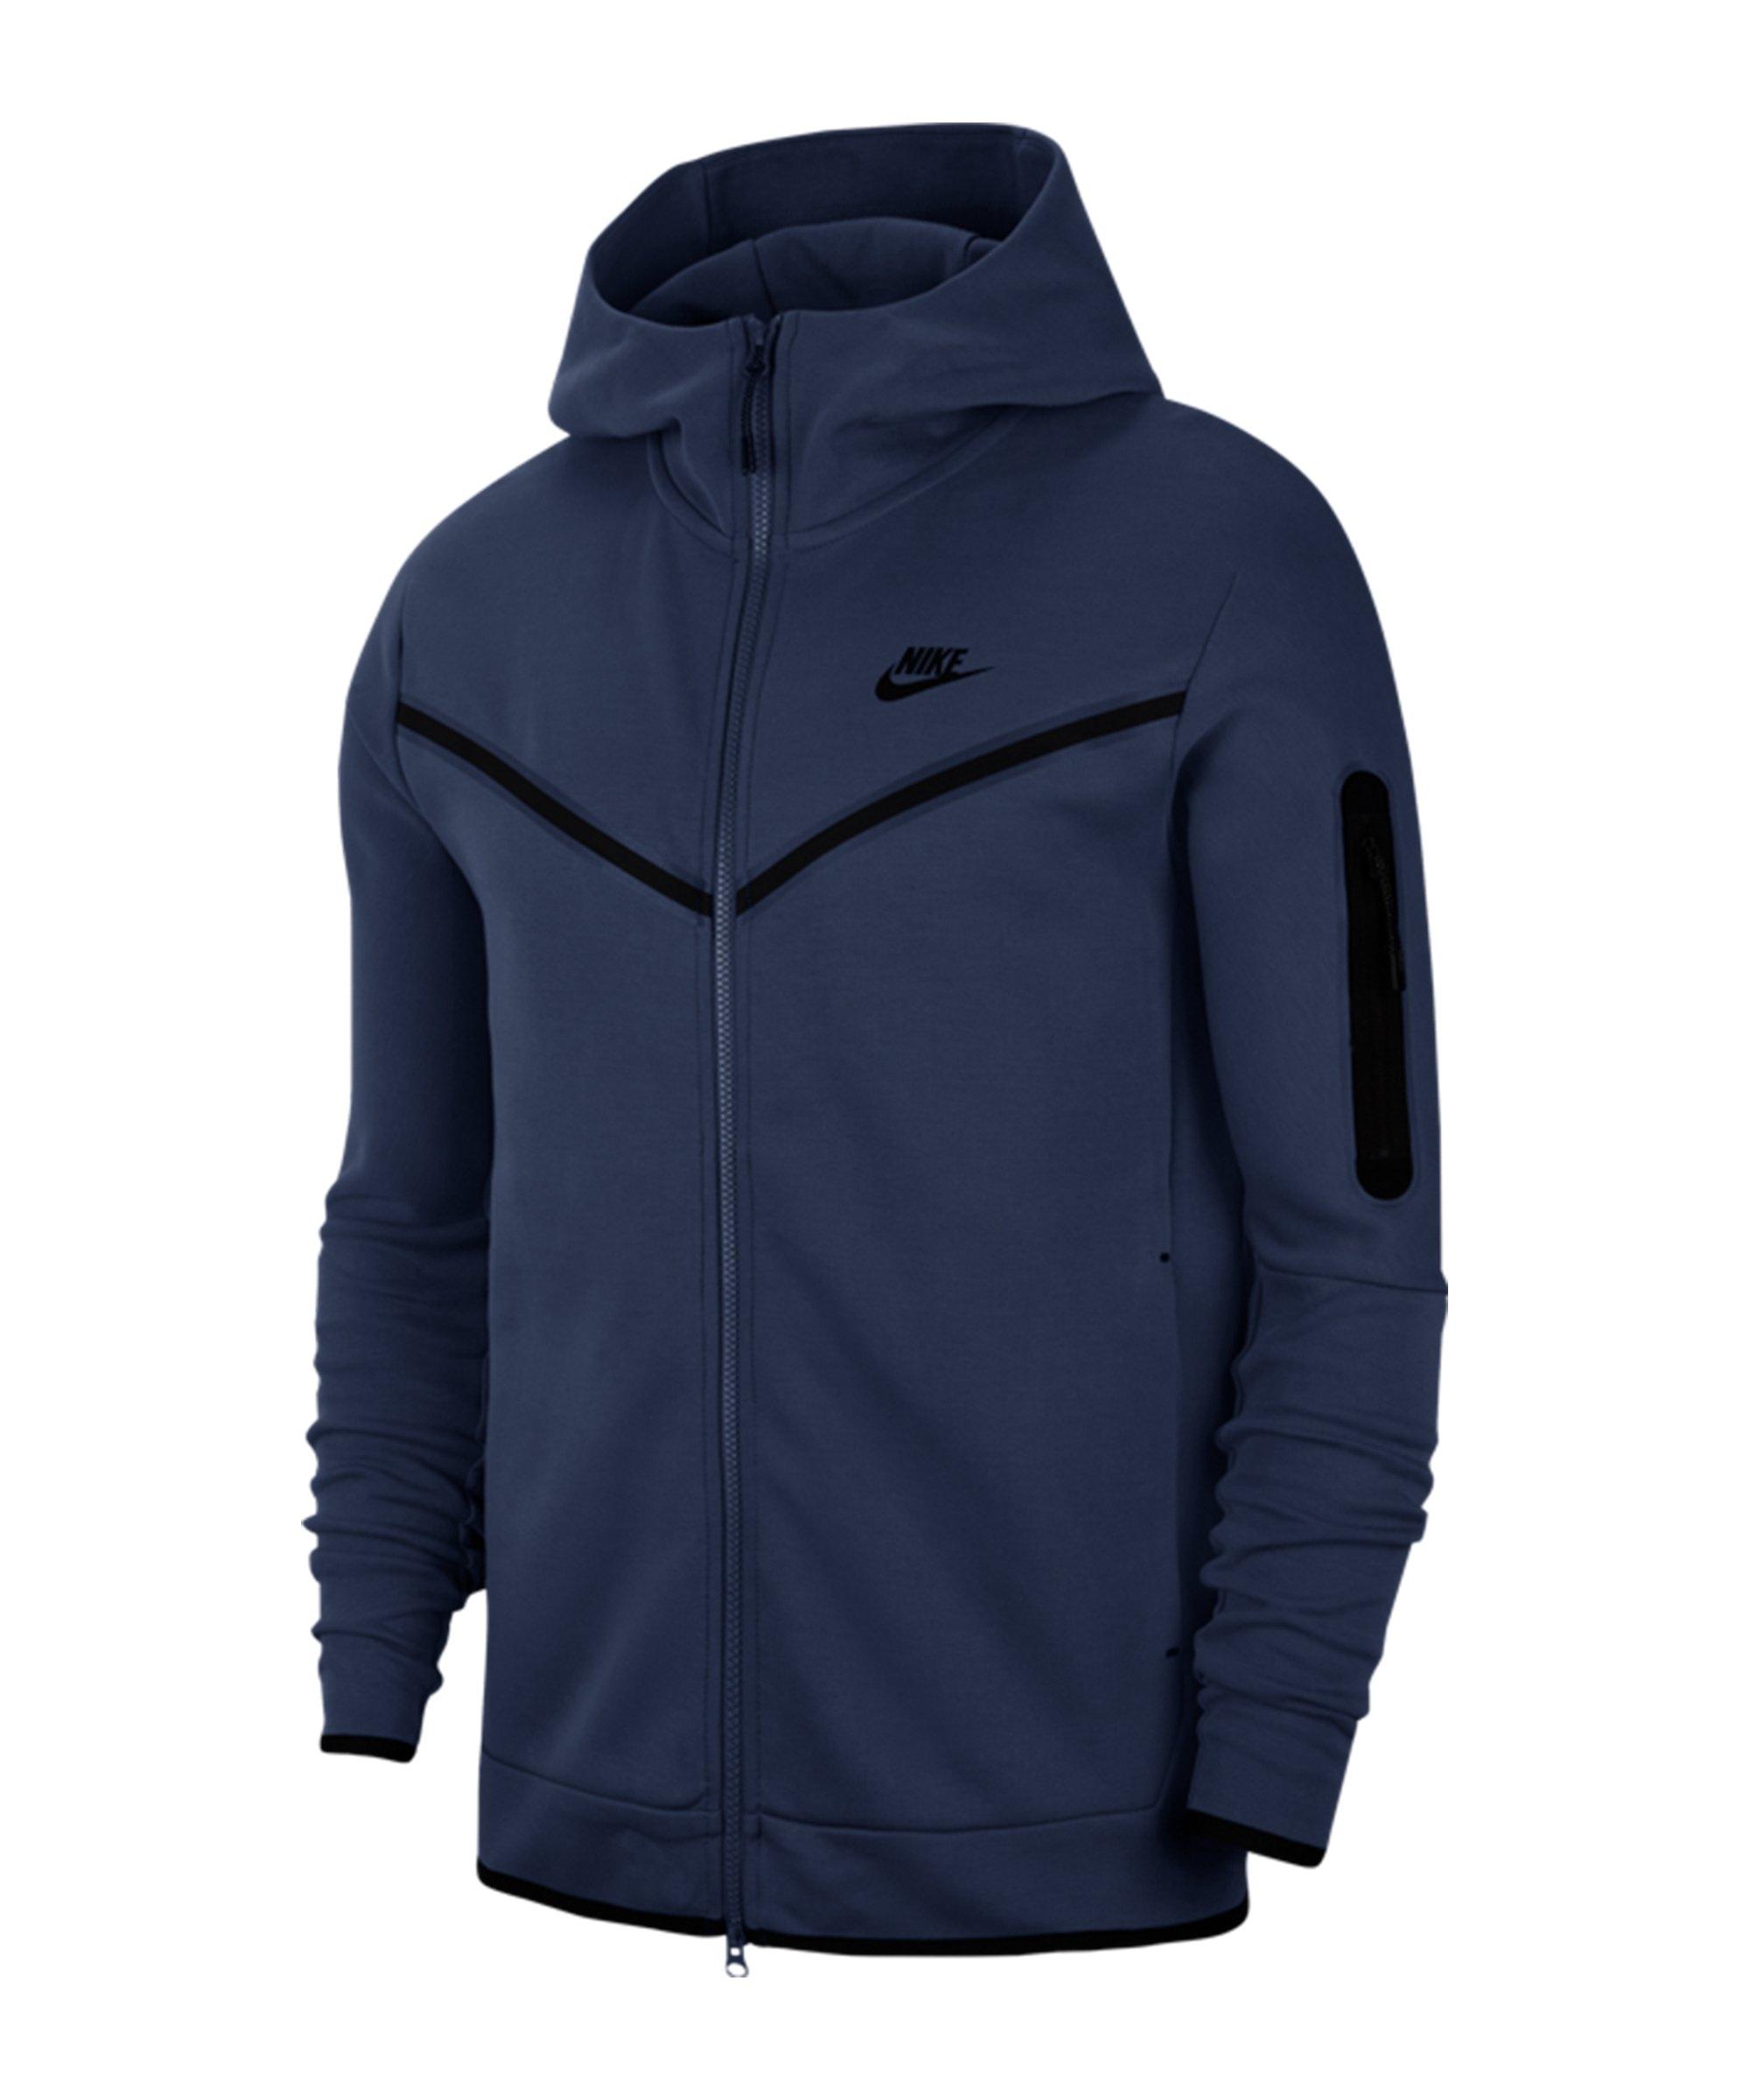 Nike Tech Fleece Windrunner Blau F410 - blau